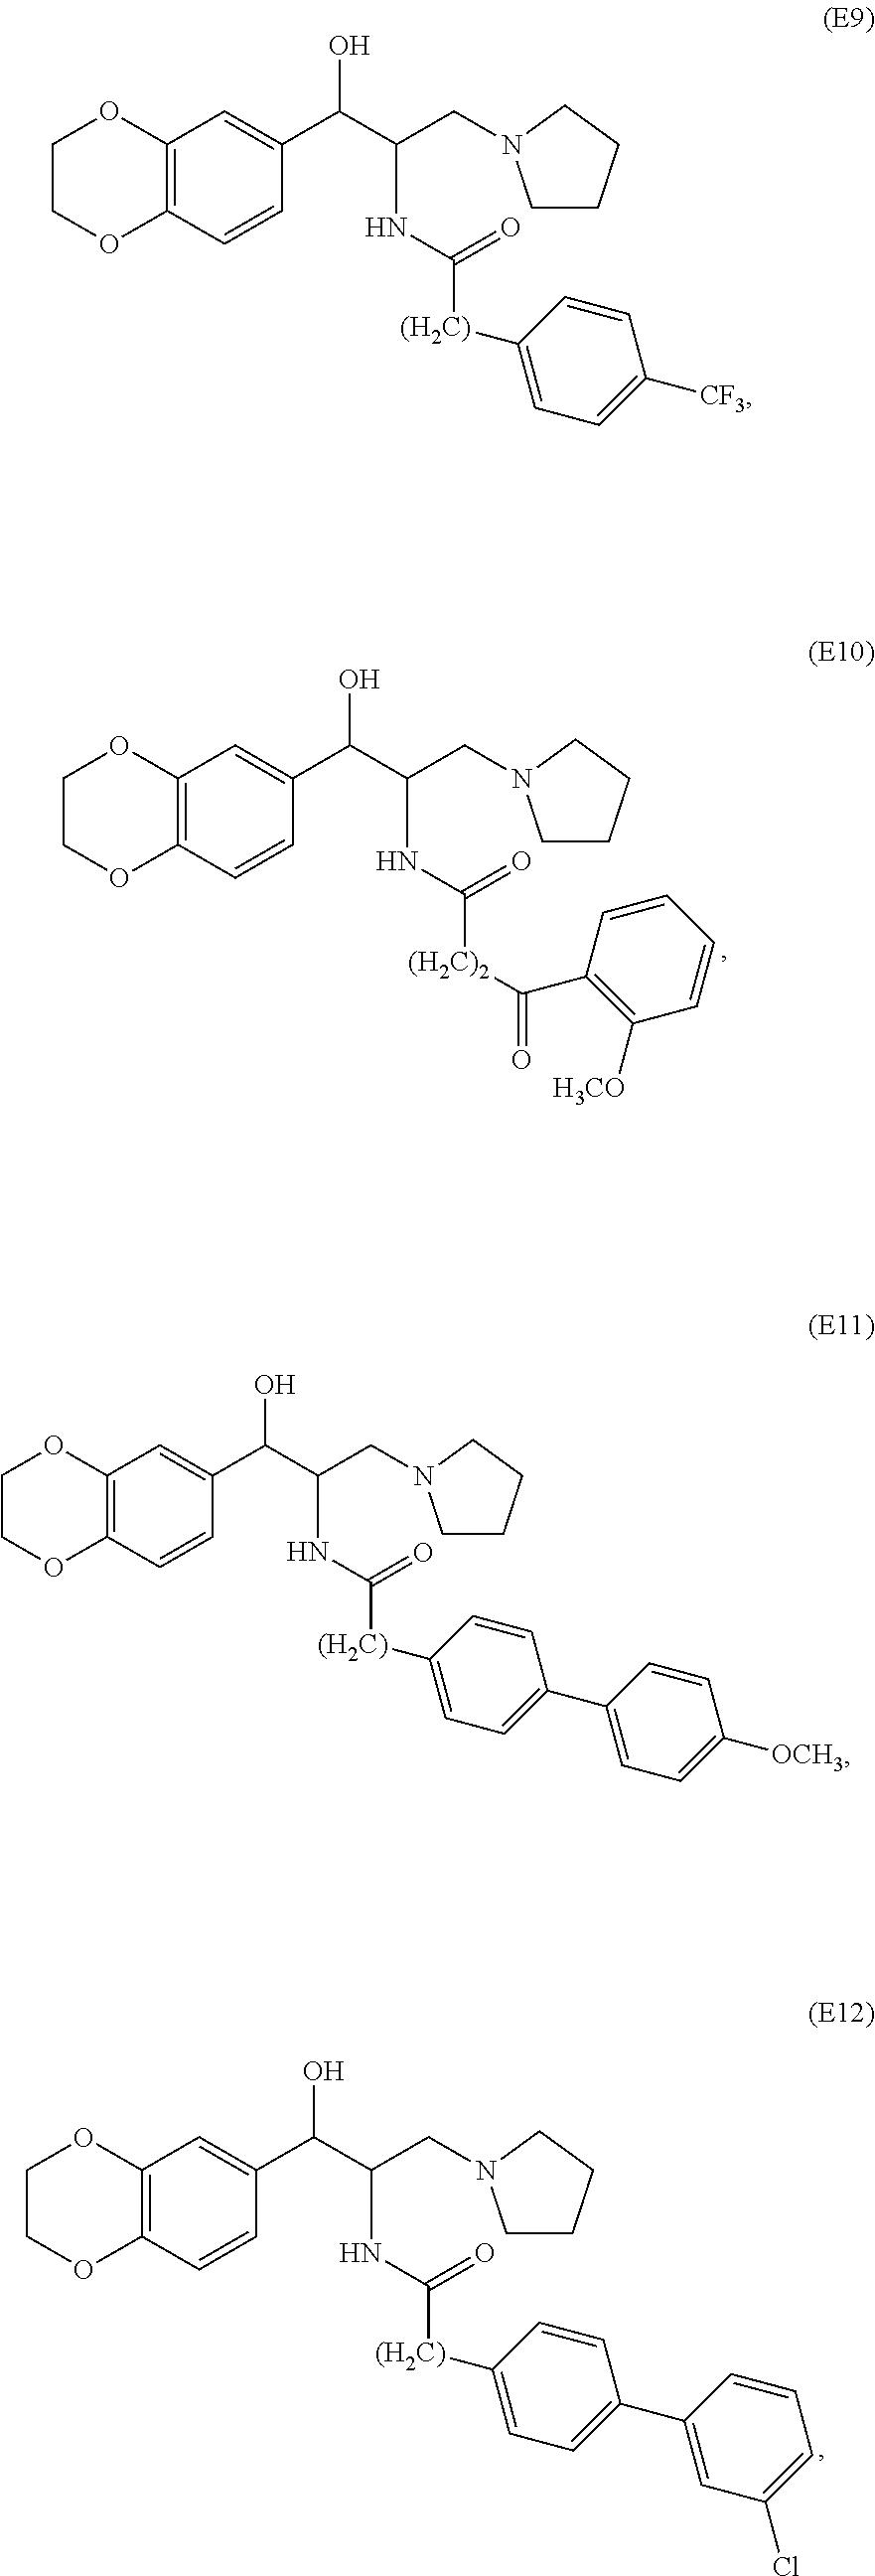 Figure US09272996-20160301-C00037